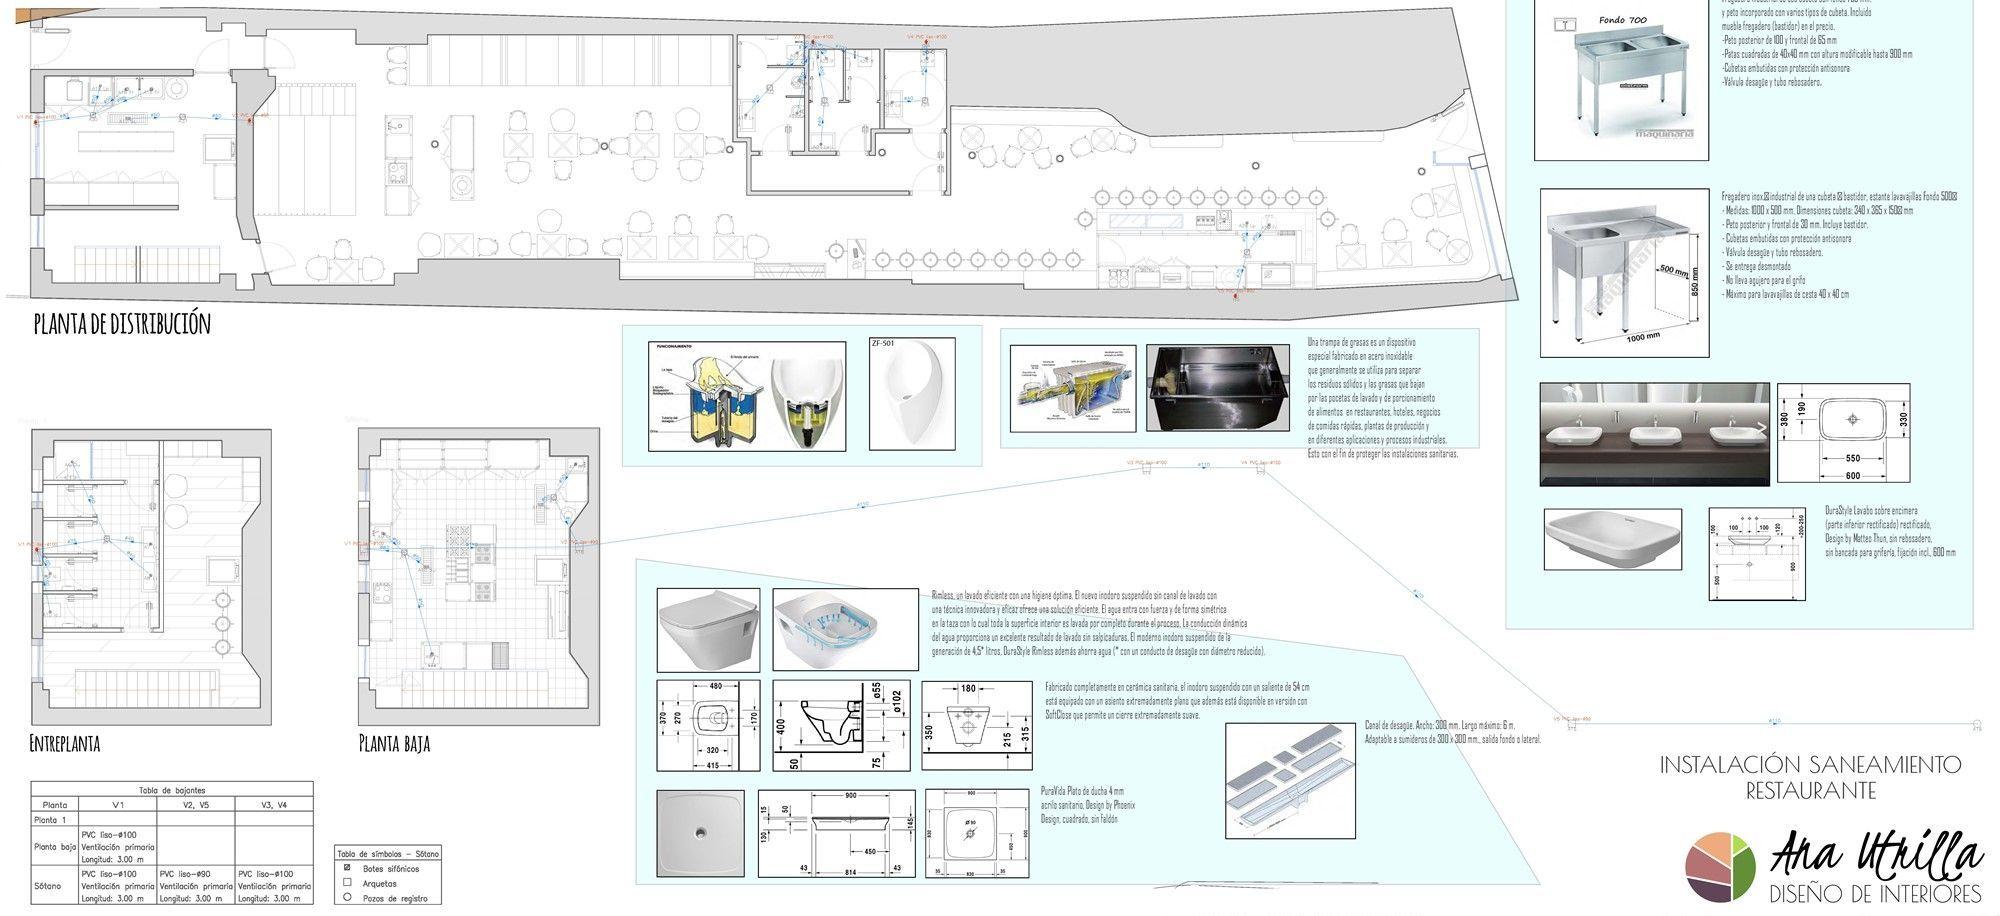 Instalación de saneamiento para reforma integral de restaurante en Valladolid por Ana Utrilla